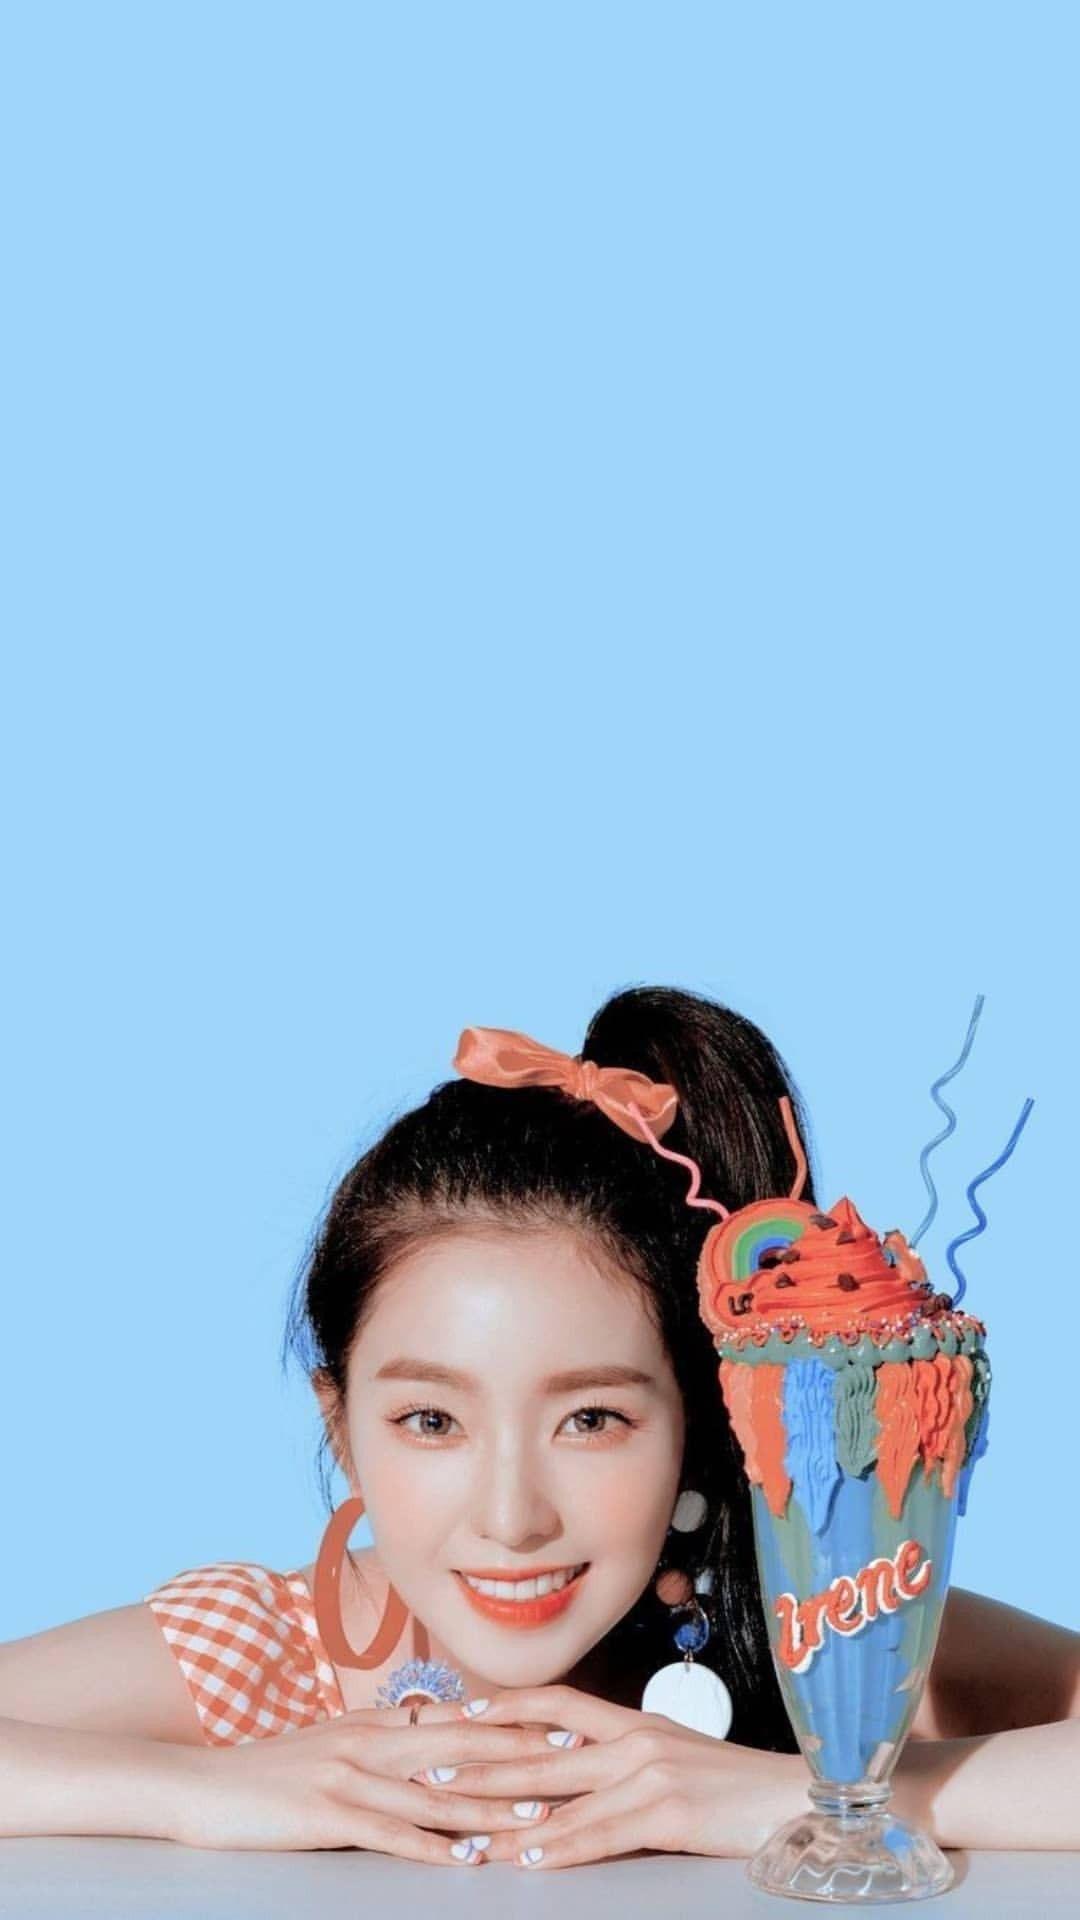 Irene Red Velvet Power Up 1080x1920 Wallpaper Teahub Io